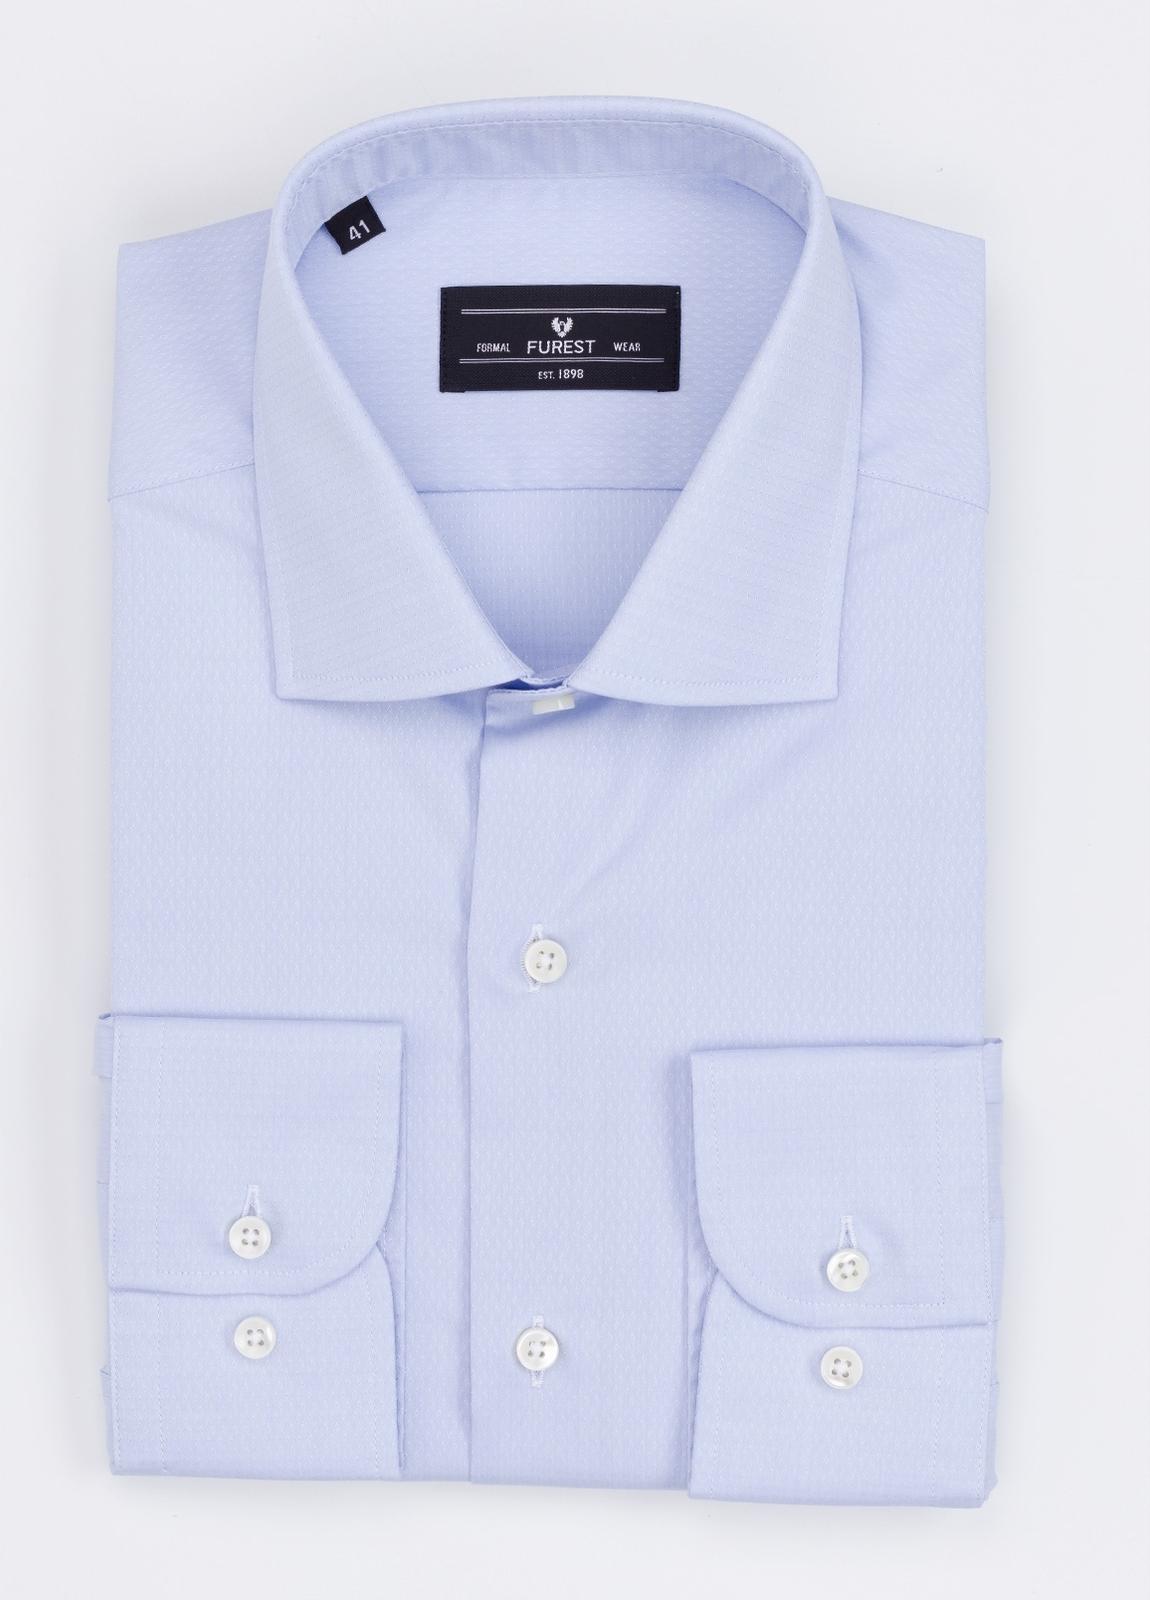 Camisa Formal Wear REGULAR FIT cuello italiano modelo TAILORED NAPOLI micrograbado color azul. 100% Algodón.